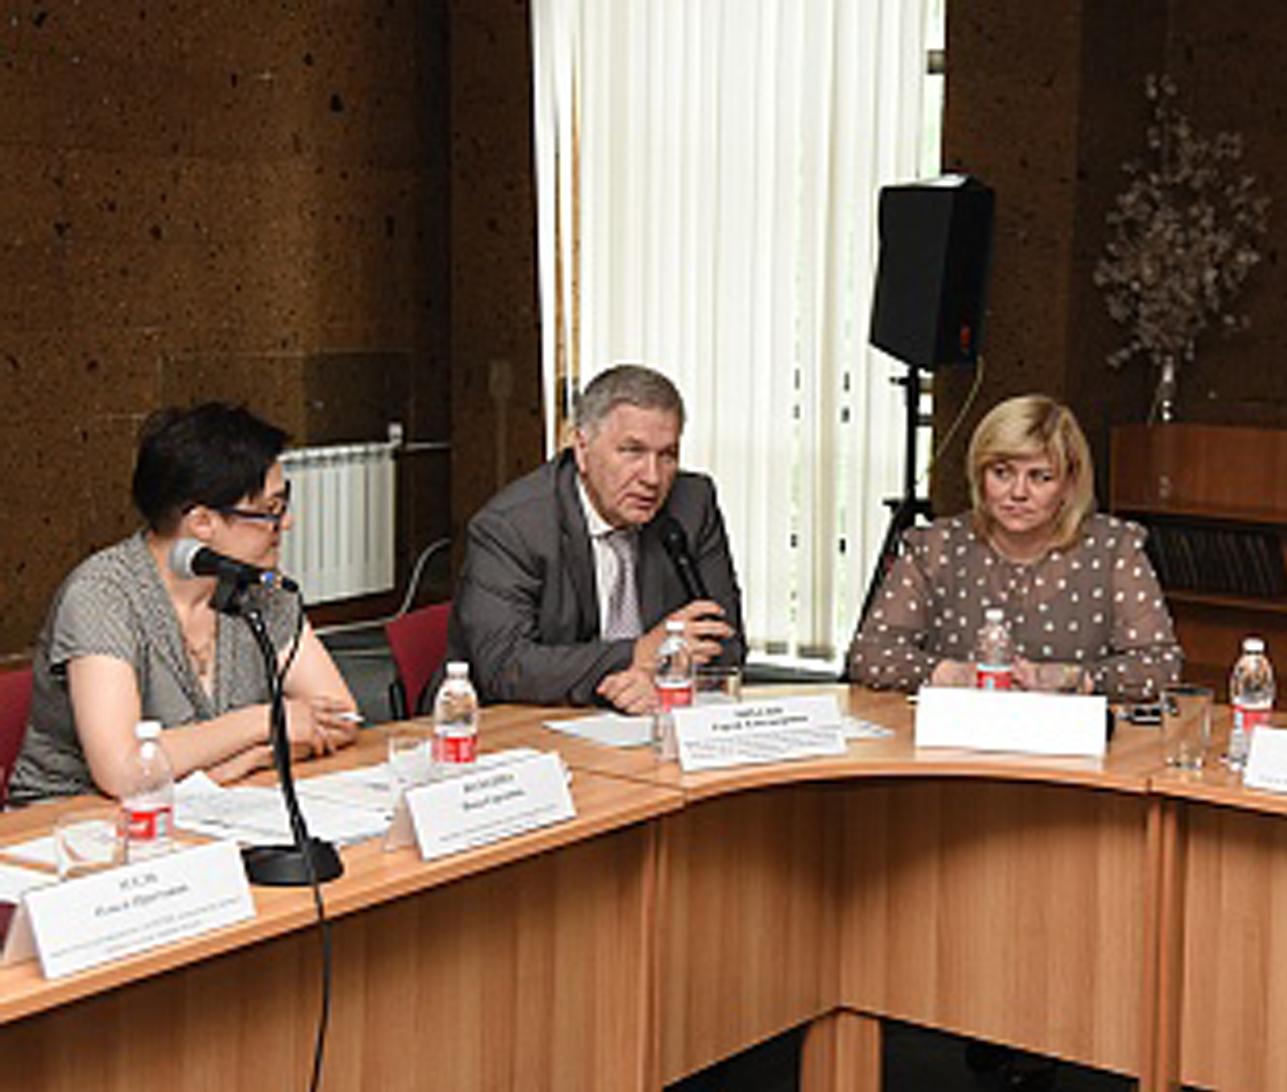 Круглый стол «Перспективы развития сопровождаемого проживания и трудоустройства людей с ментальными нарушениями в Ростовской области»